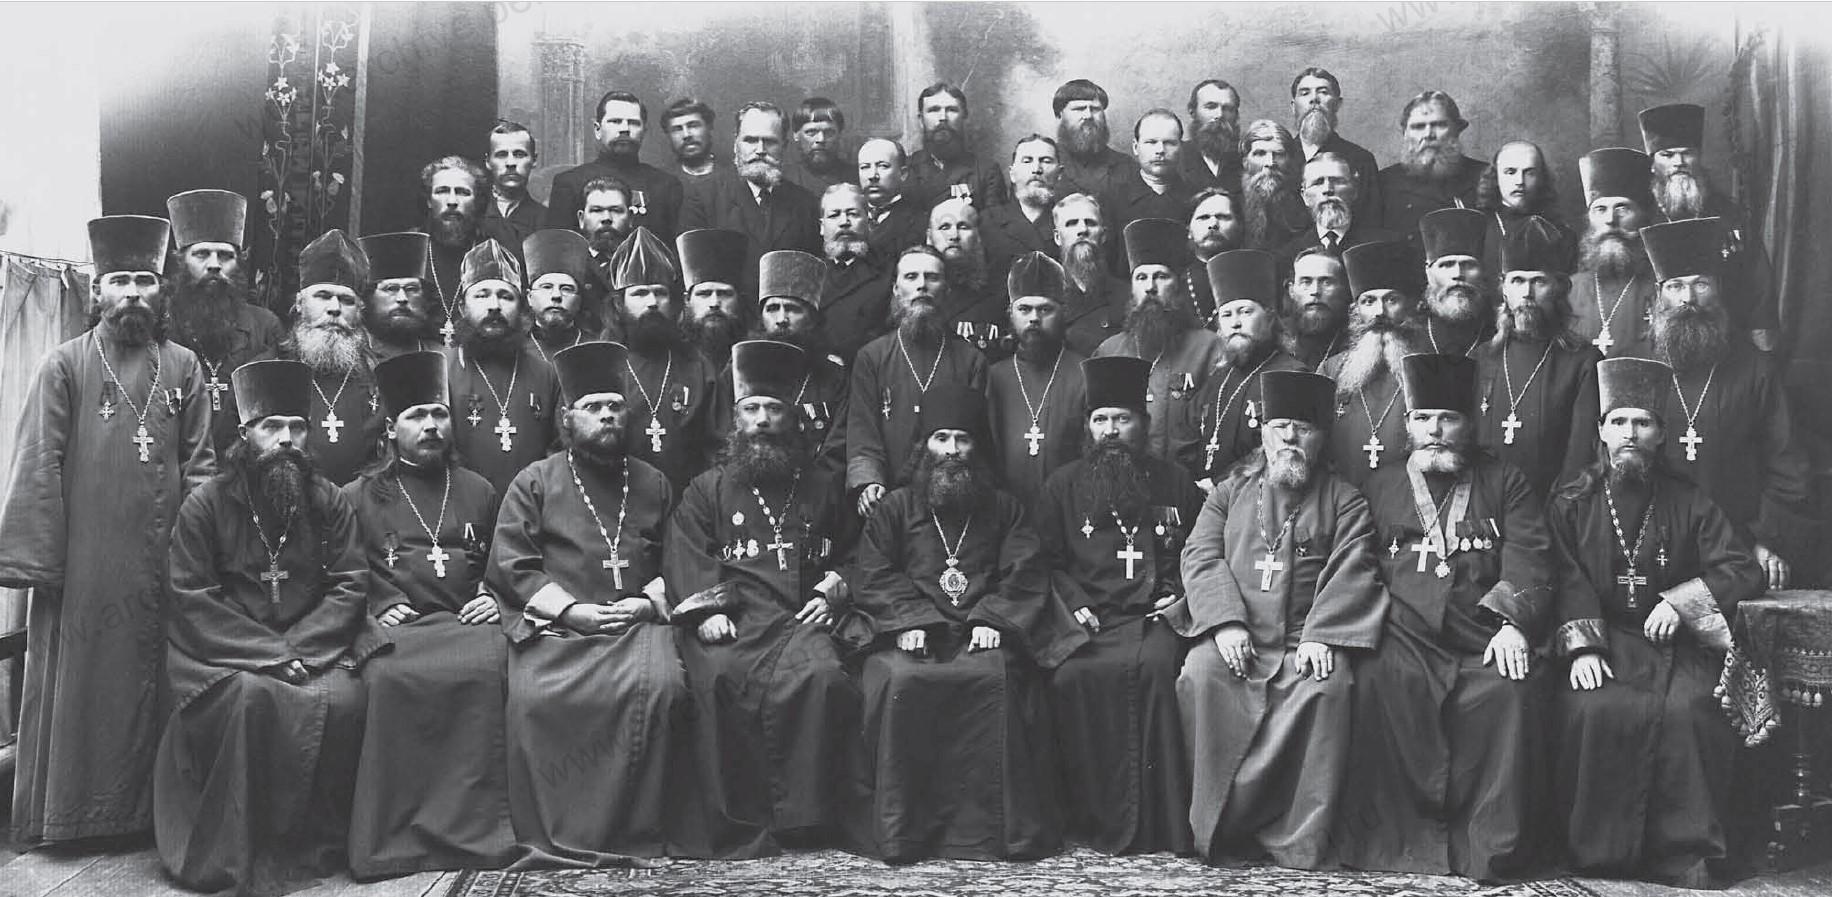 Епископ Пермский и Соликамский Андроник среди участников съезда духовенства и церковных старост. 1917